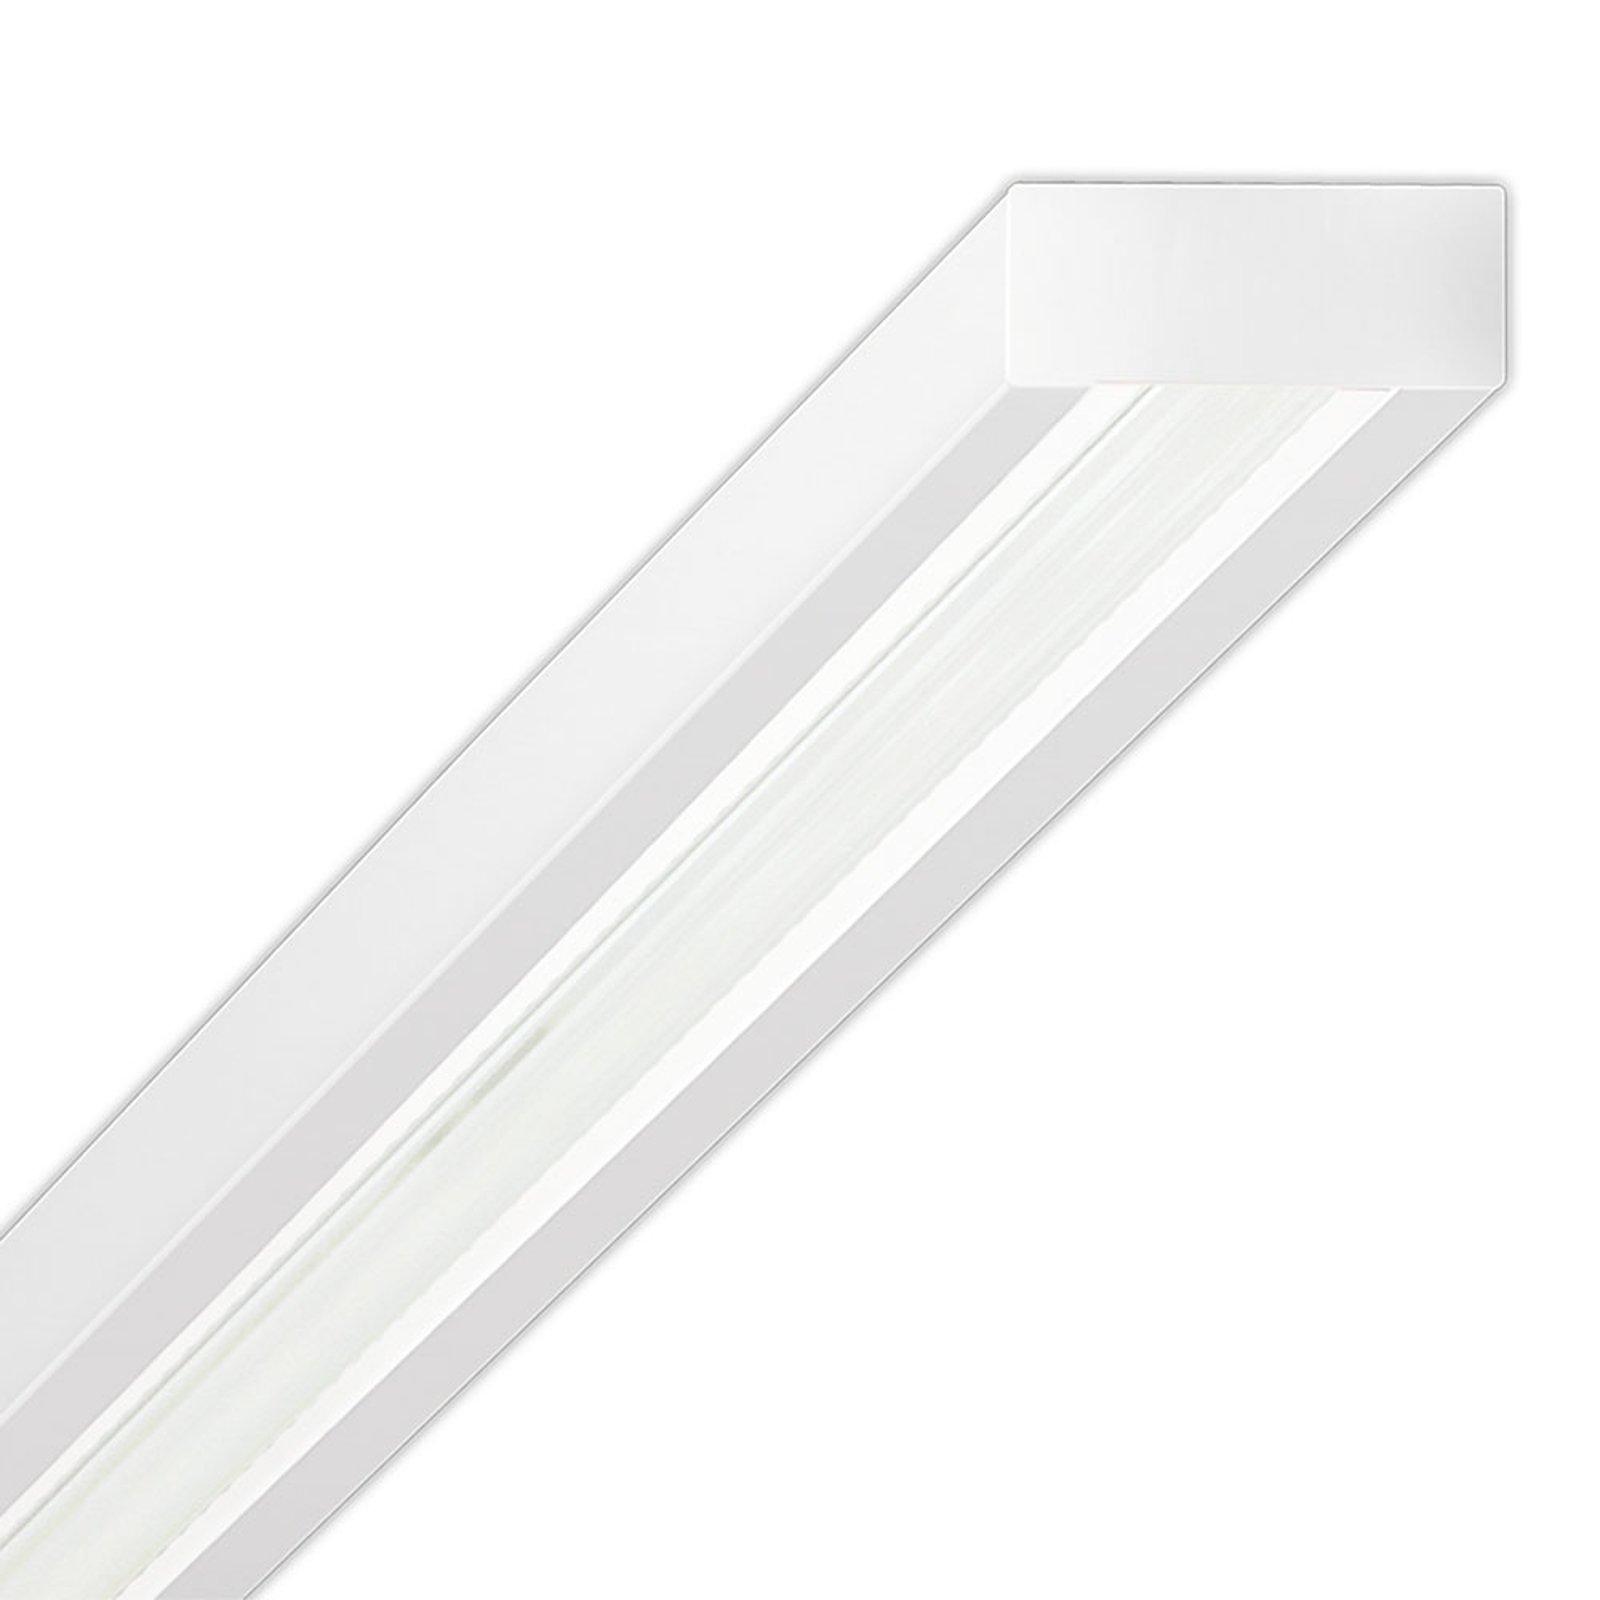 LED-taklampe procube-CUAWF/1500-1 Fresnel